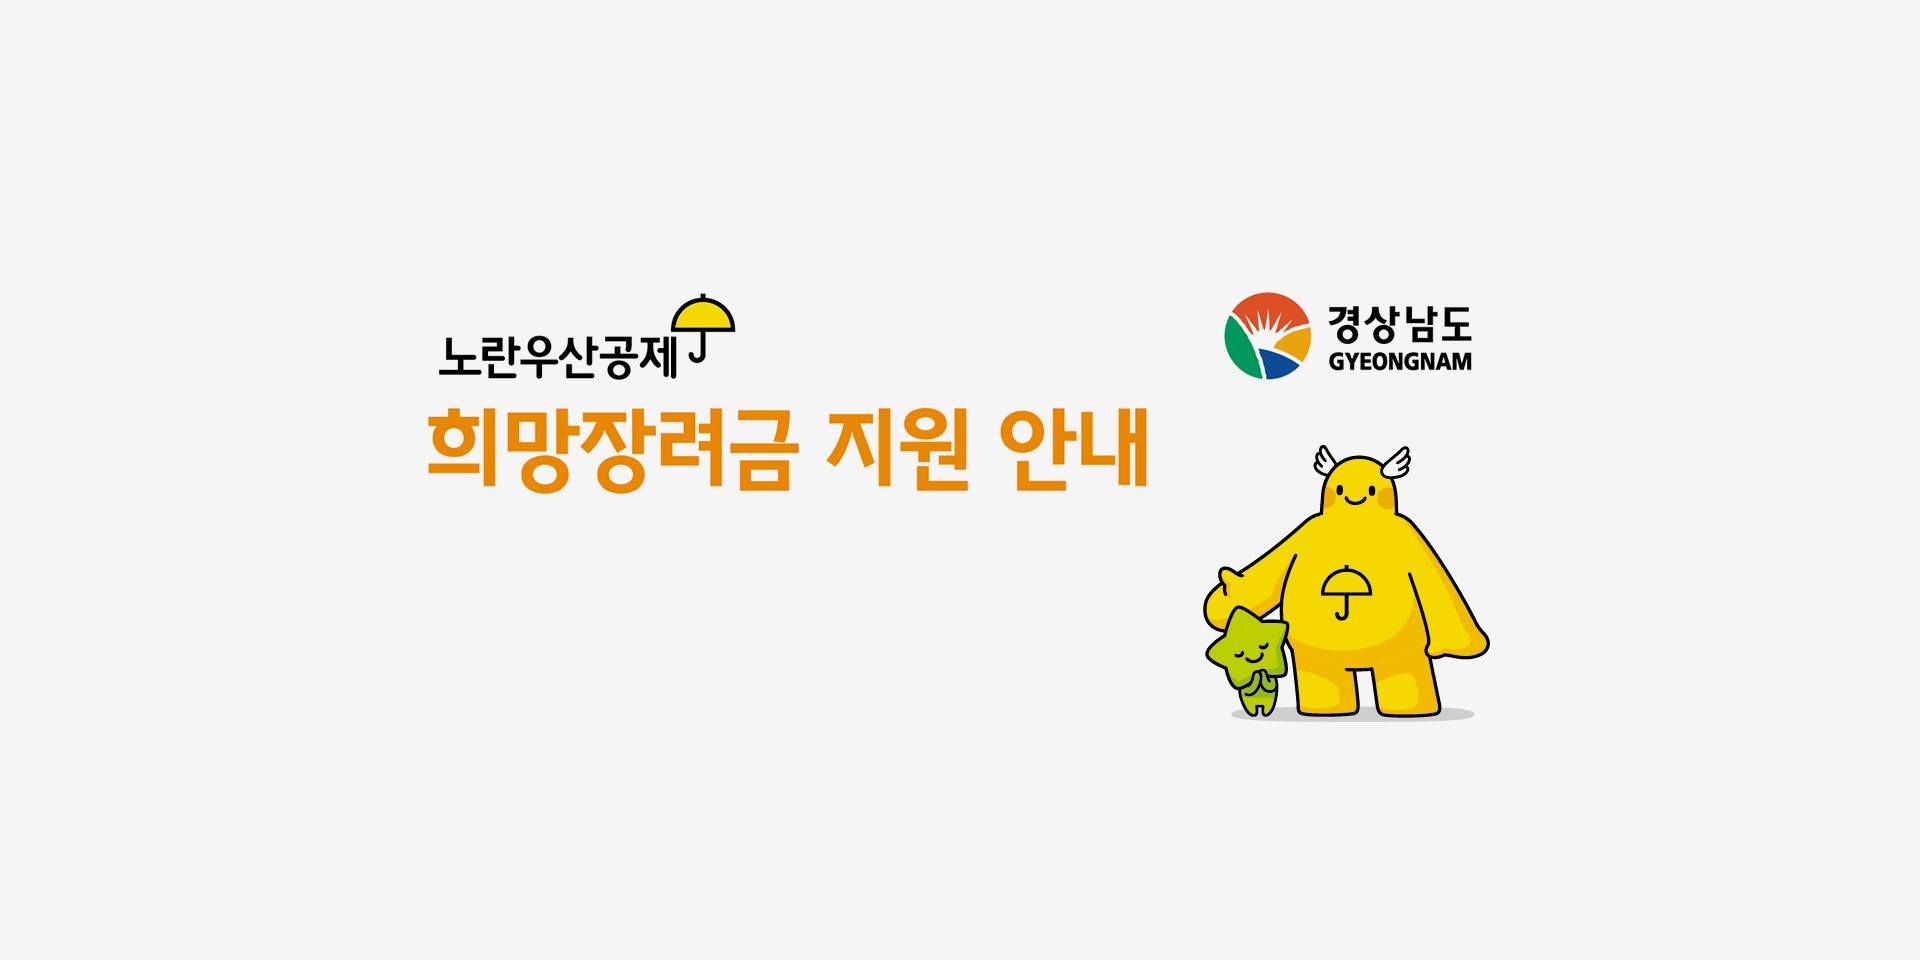 경상남도 노란우산공제 희망장려금 안내